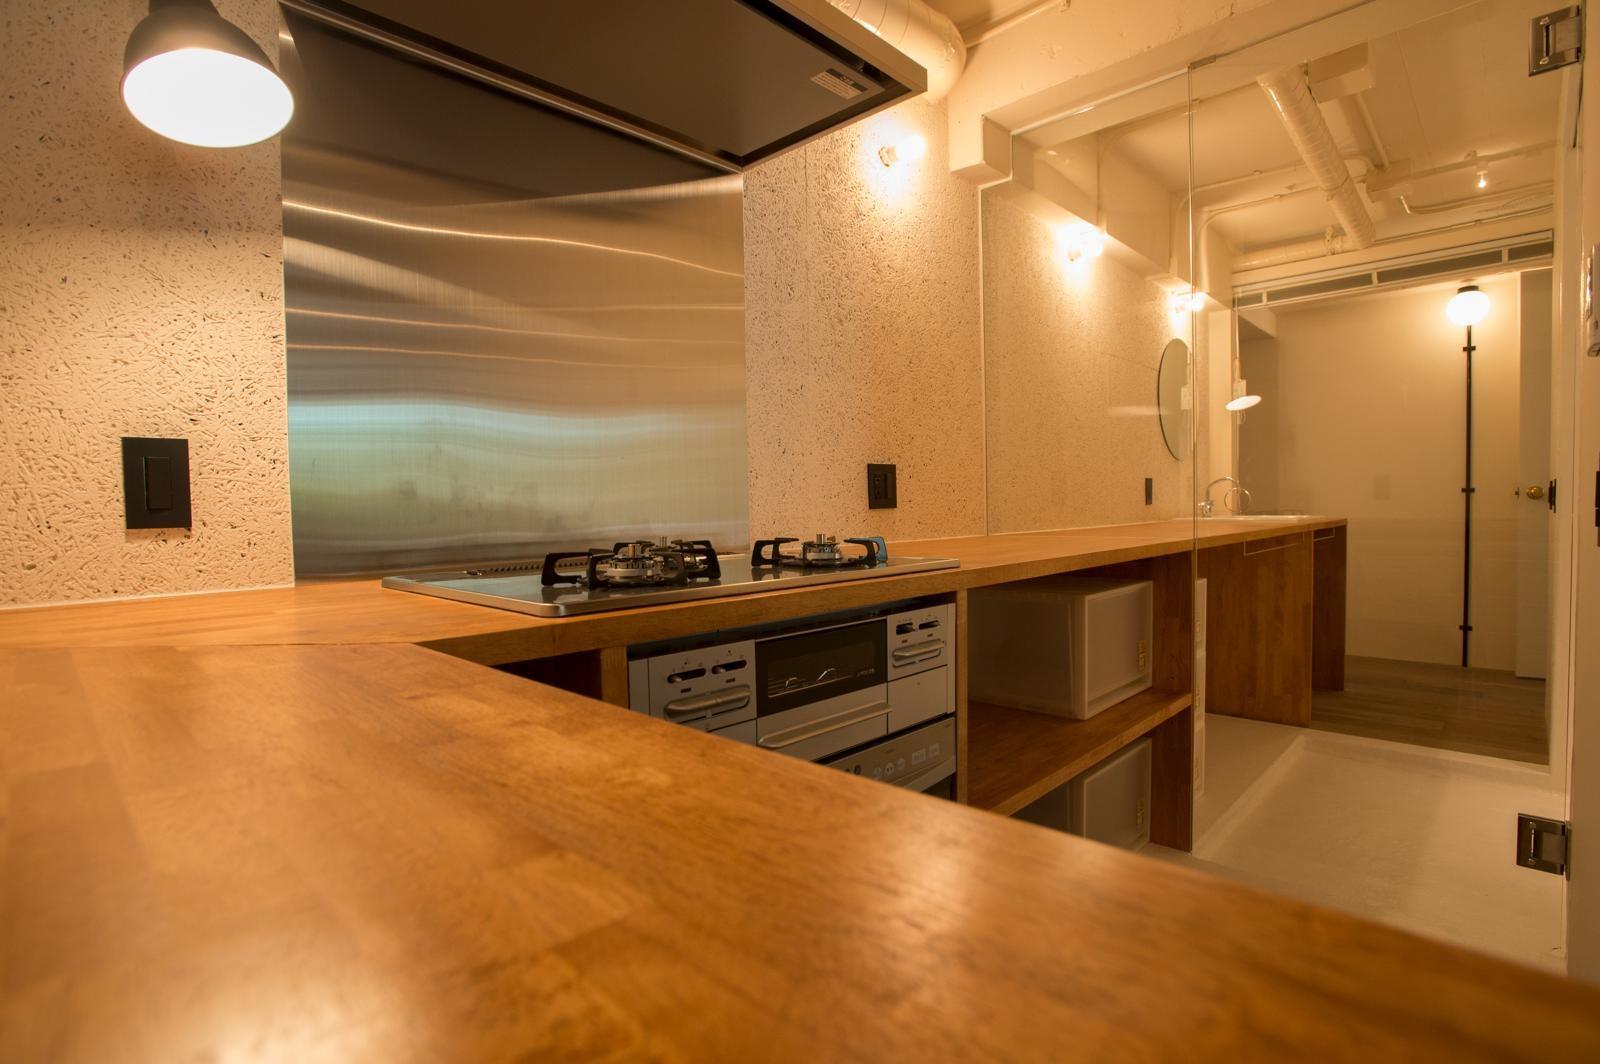 キッチン事例:ぐるっと回ってキッチンへ(港町を感じる横浜のヴィンテージマンションリノベ)